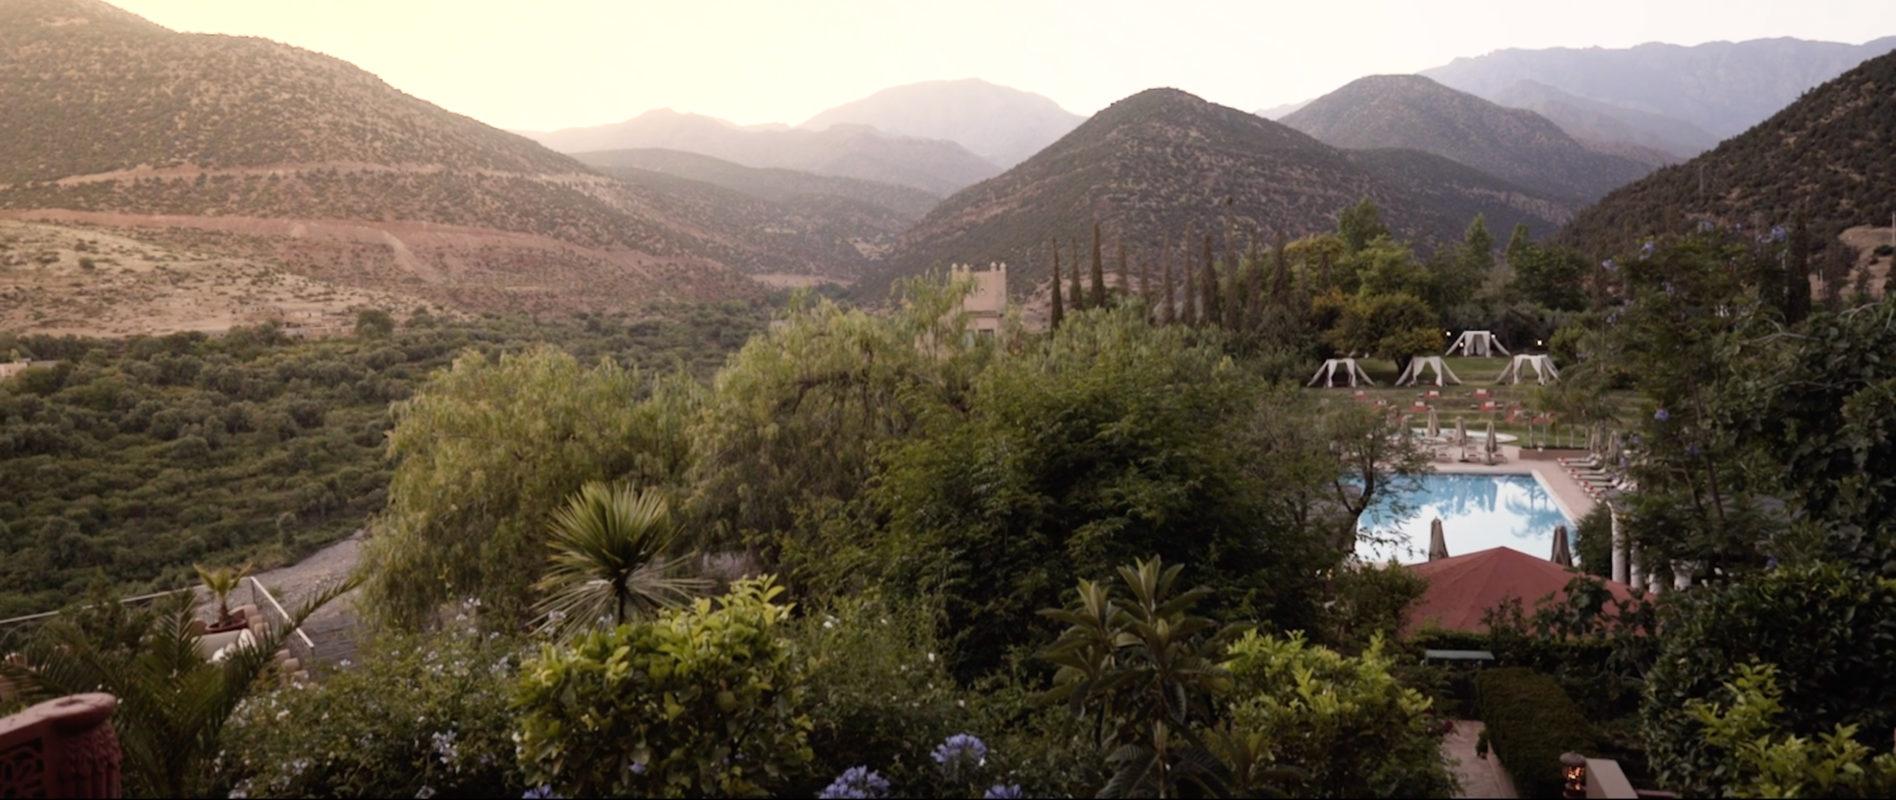 Kasbah Tamadot, Morocco, Atlas Mountains